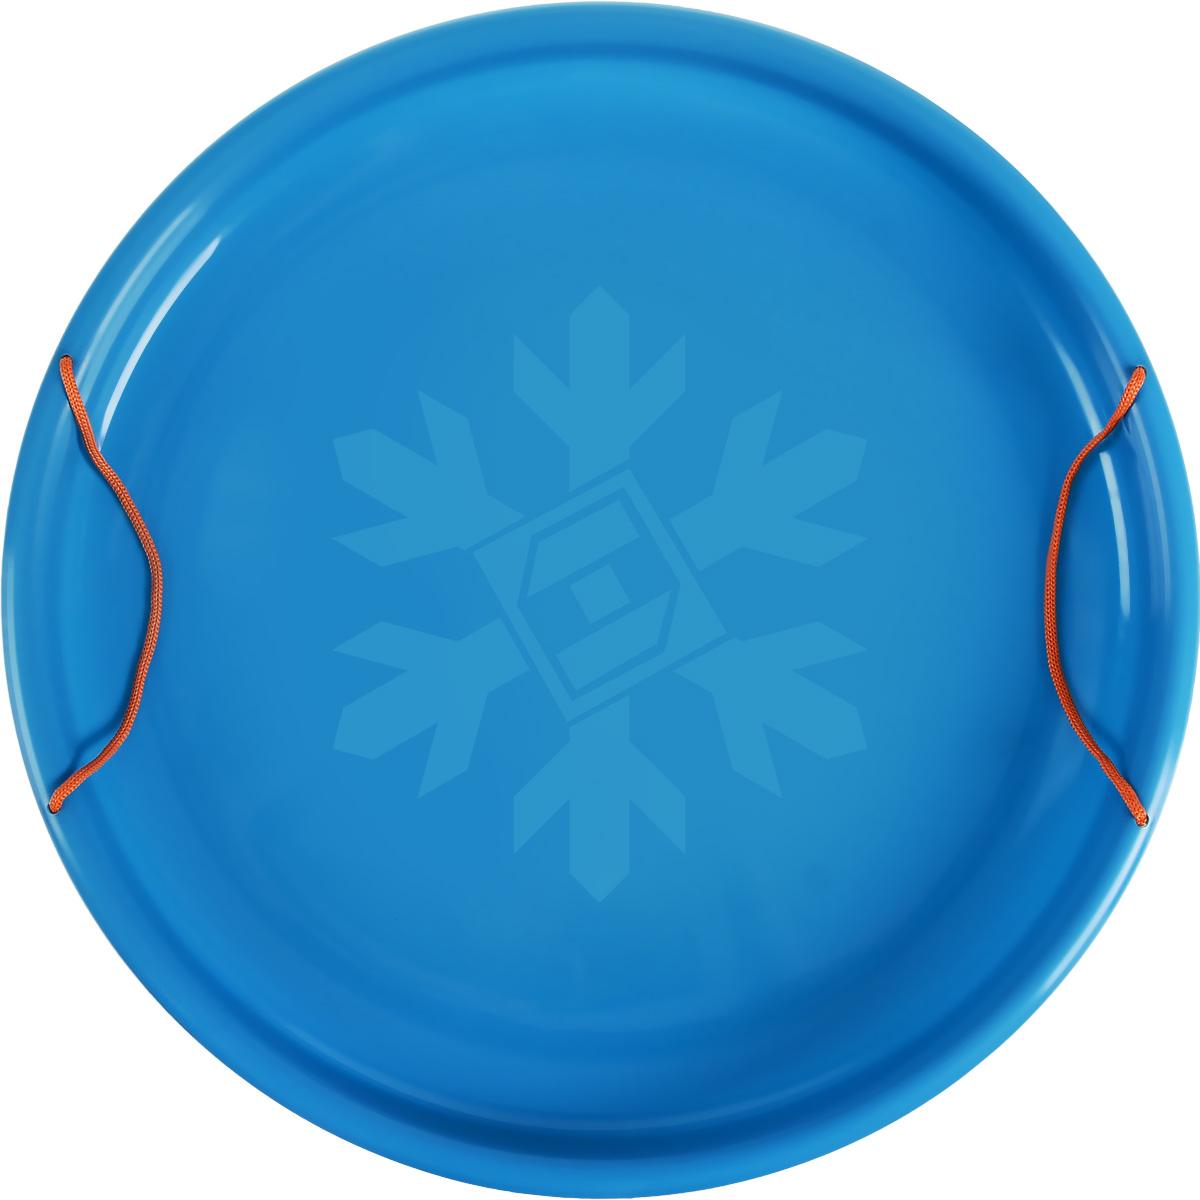 Санки-ледянки Престиж Экстрим, цвет: голубой, диаметр 53 см337975Любимая детская зимняя забава - это катание с горки. Яркие санки-ледянки Престиж Экстрим станут незаменимым атрибутом этой веселой детской игры. Санки-ледянки - это специальная пластиковая тарелка, облегчающая скольжение и увеличивающая скорость движения по горке. Ледянка выполнена из прочного гибкого пластика и снабжена двумя ручками по бокам. Конфигурация санок позволяет удобно сидеть и развивать лучшую скорость. Благодаря малому весу ледянку, в отличие от обычных санок, легко нести с собой даже ребенку.